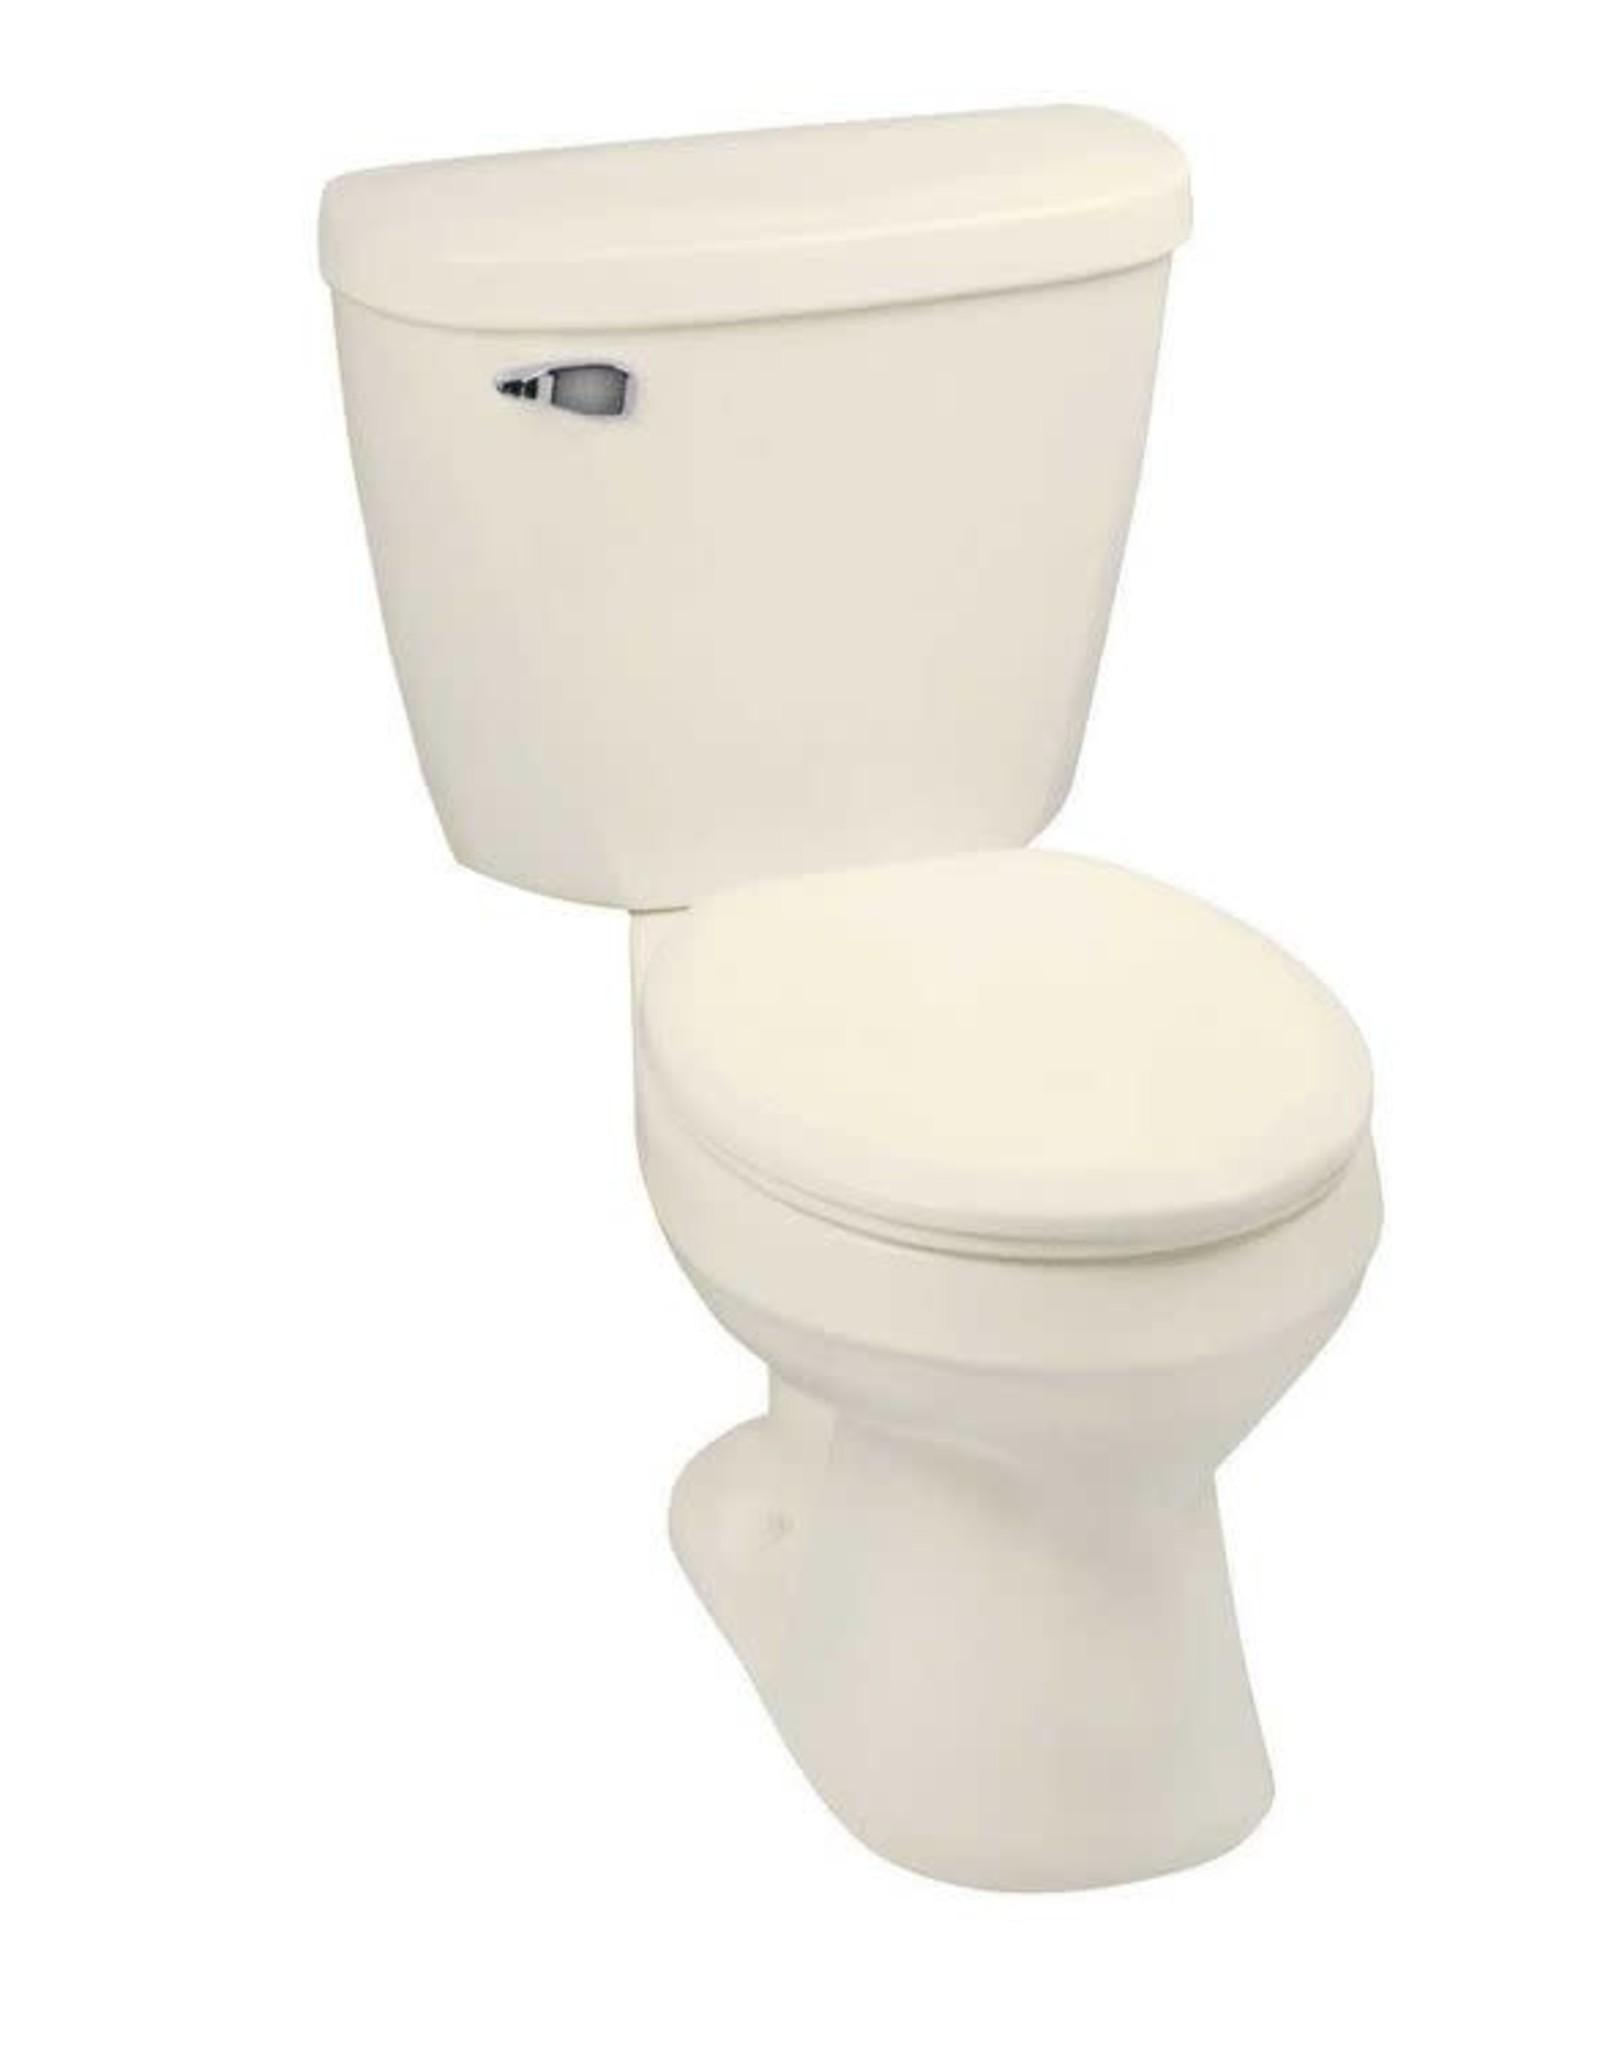 Mansfield Mansfield Summit 1.28 RH Round Toilet- Bone